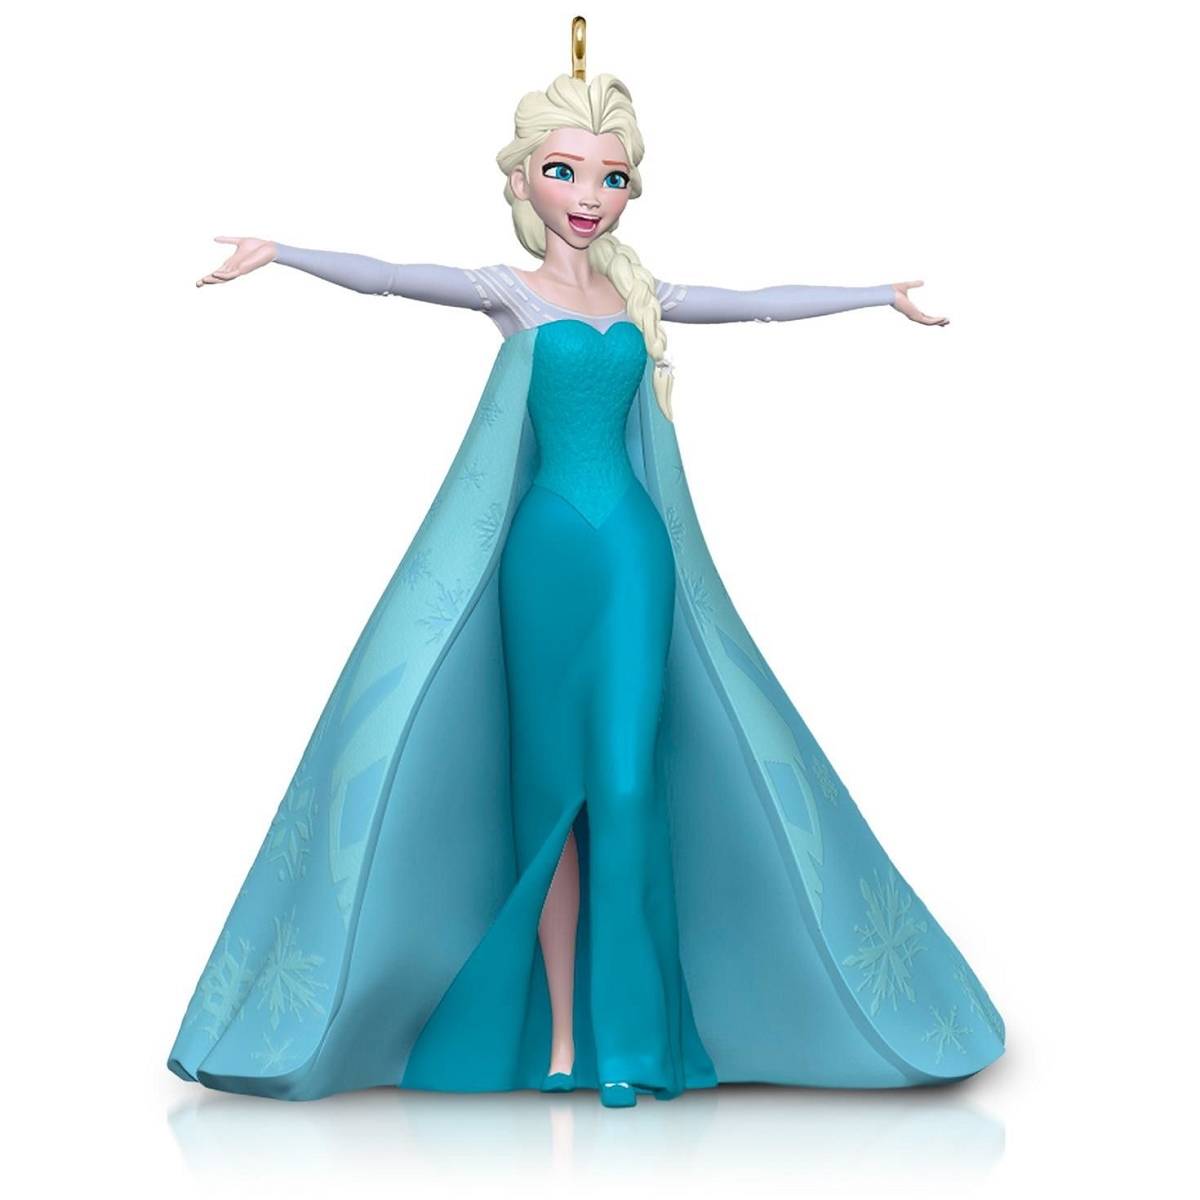 Disney frozen ornaments - 2015 Let It Go Frozen Hallmark Keepsake Ornament Hooked On Hallmark Ornaments